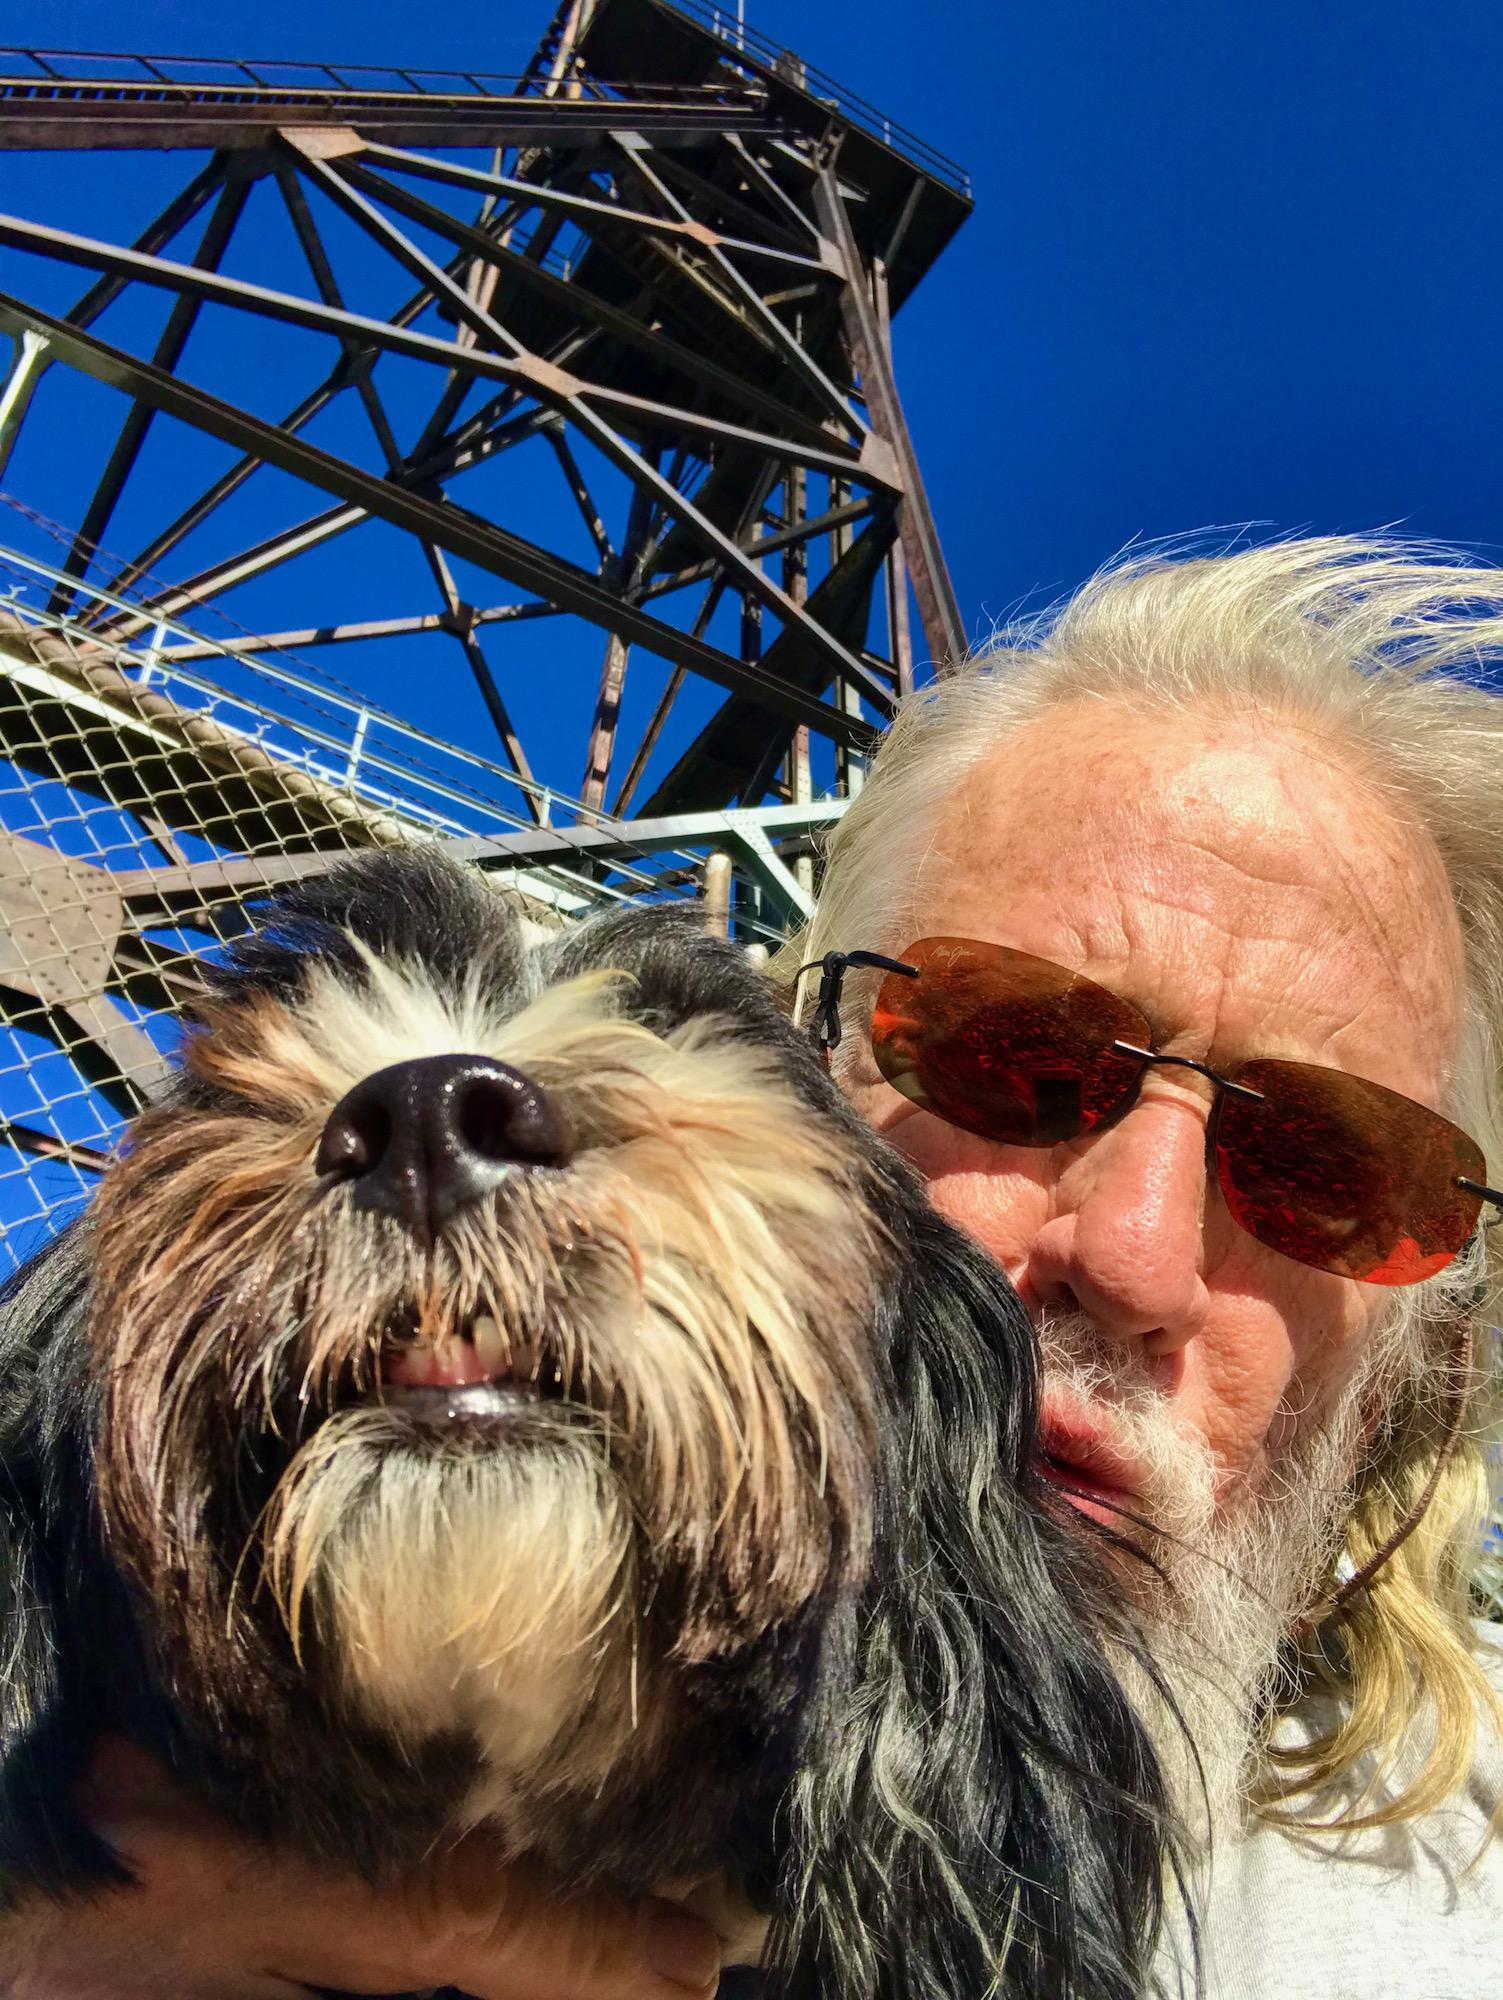 Jake & Eddie's Excellent Adventure in Butte MT